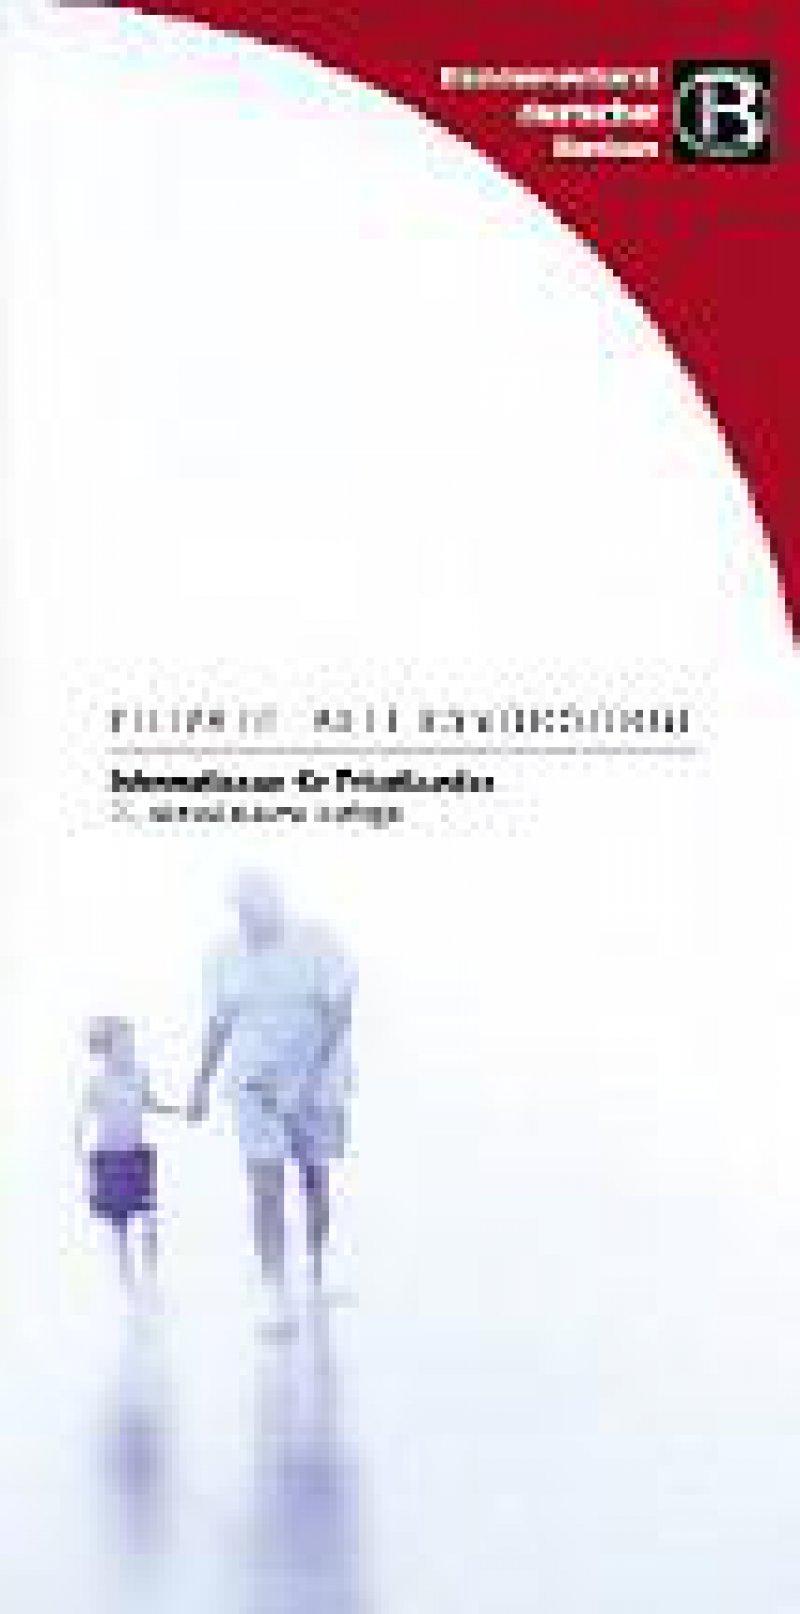 """Die Broschüre """"Private Altervorsorge"""" kann kostenfrei bestellt werden. Bundesverband deutscher Banken, Fax: 0 30/16 63-12 99, Internet: www.bankenverband. de/rente"""